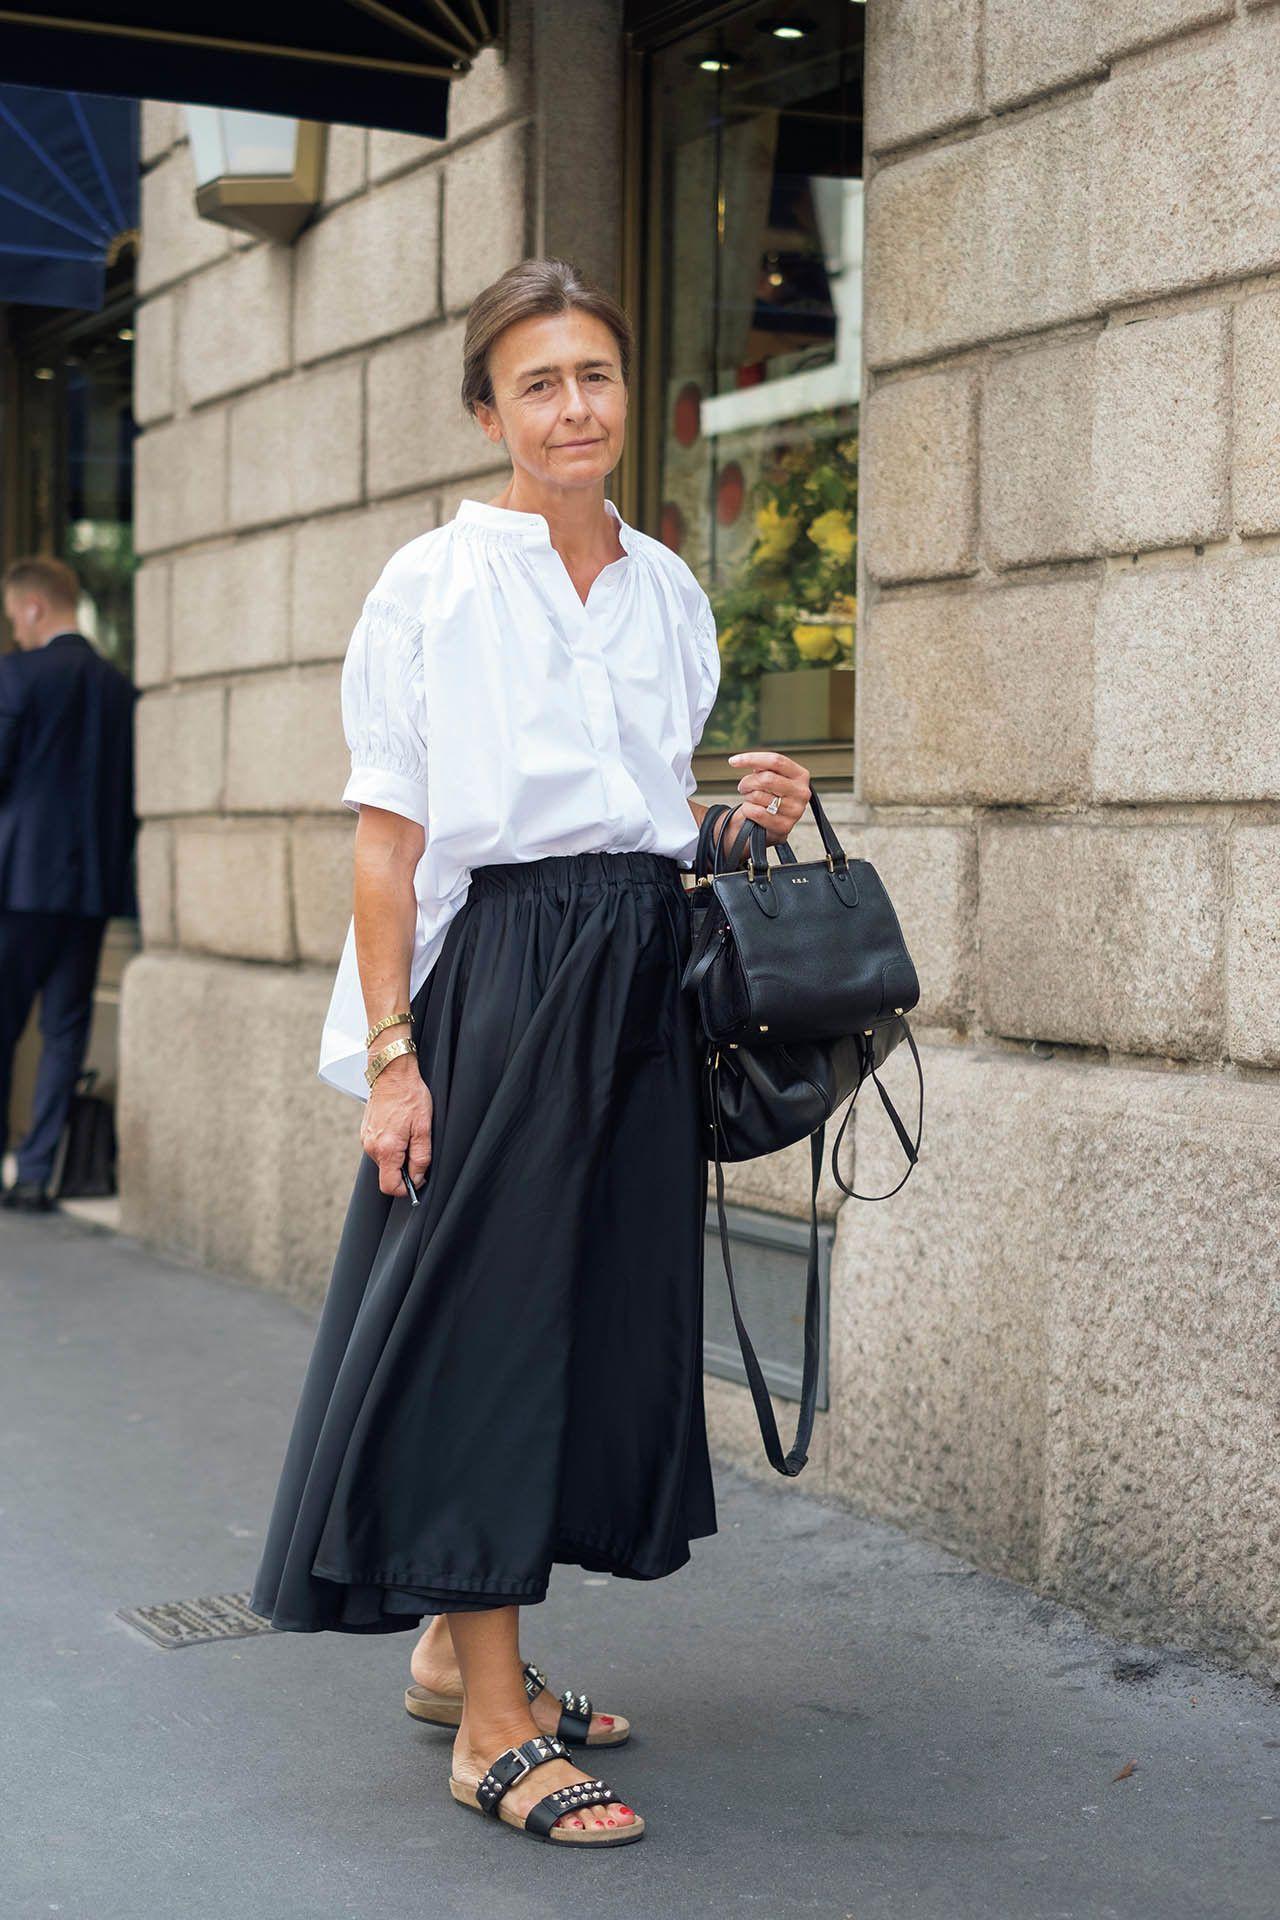 с чем носить юбку летом женщинам после 40 лет фото 9